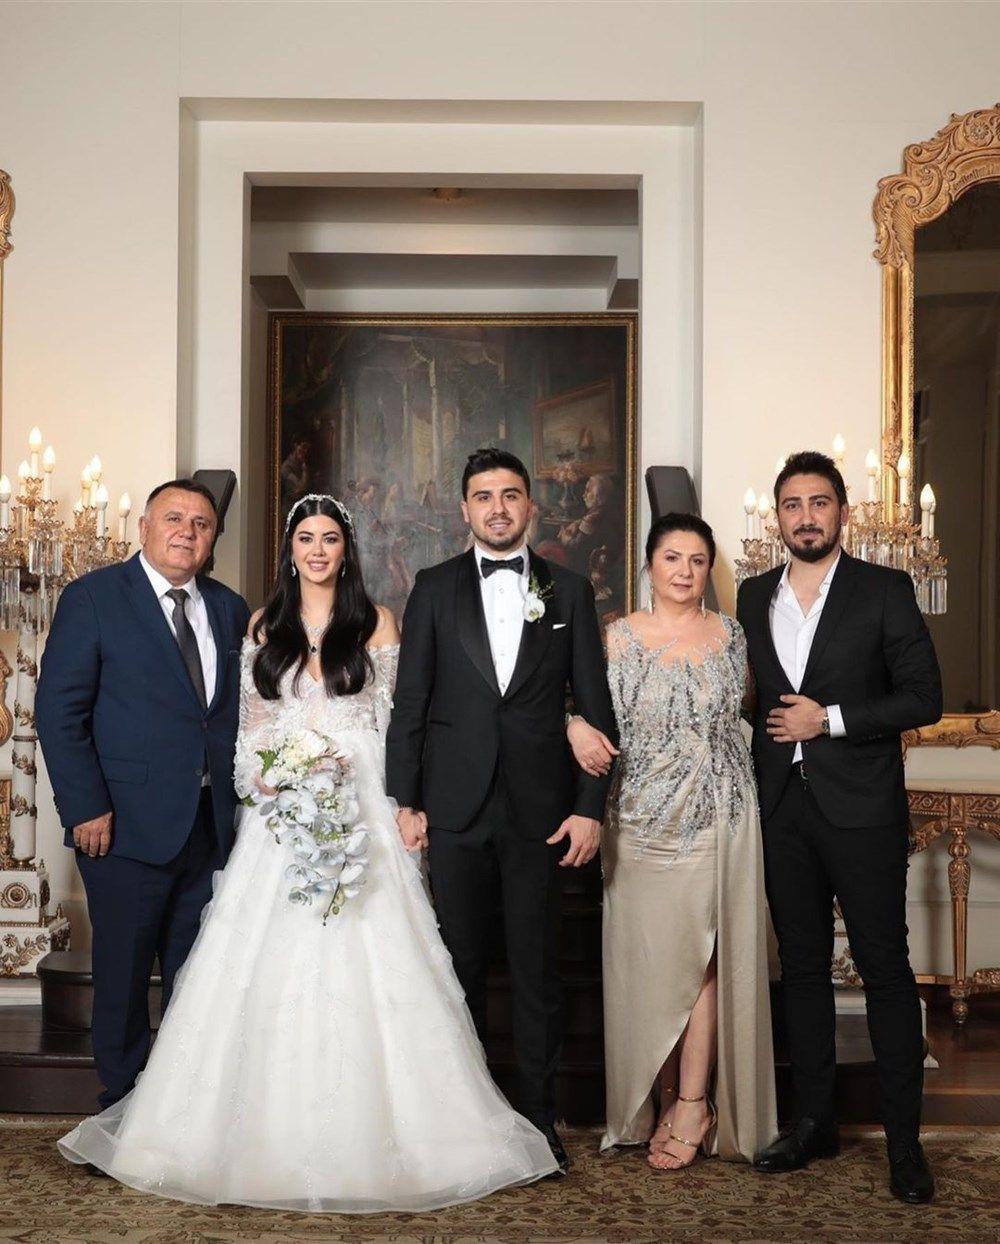 Ozan Tufan ile Rojin Haspolat Tufan'ın düğününden fotoğraflar - Sayfa 3